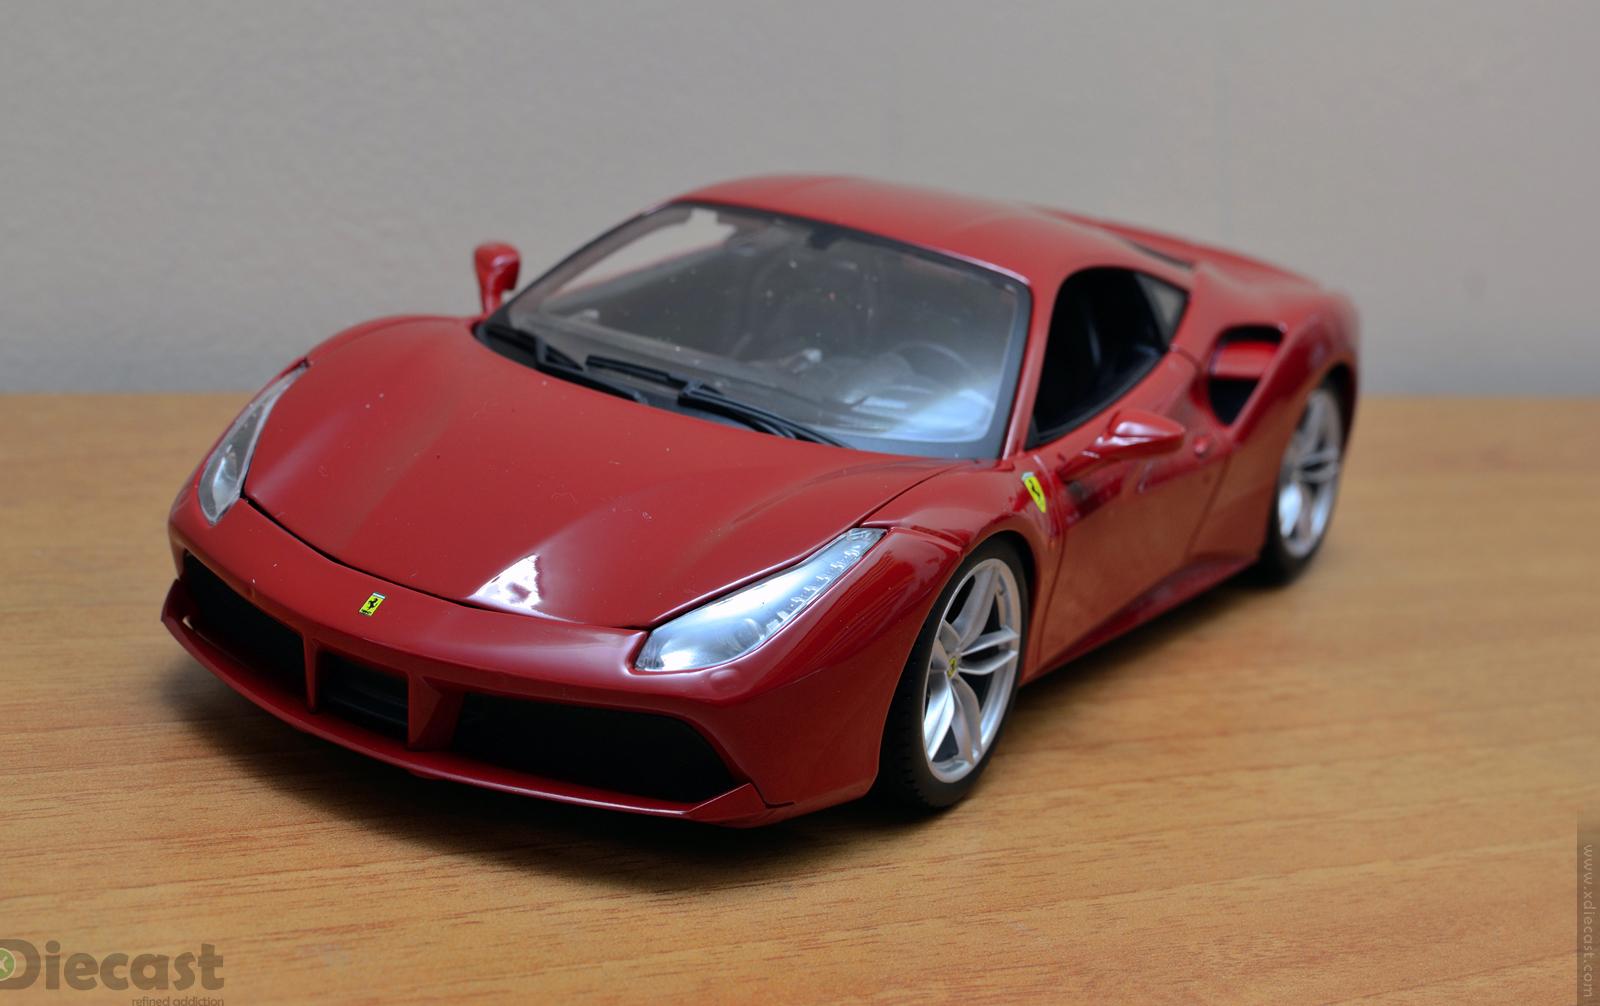 Bburago 1 18 Ferrari 488 Gtb Unboxed Xdiecast